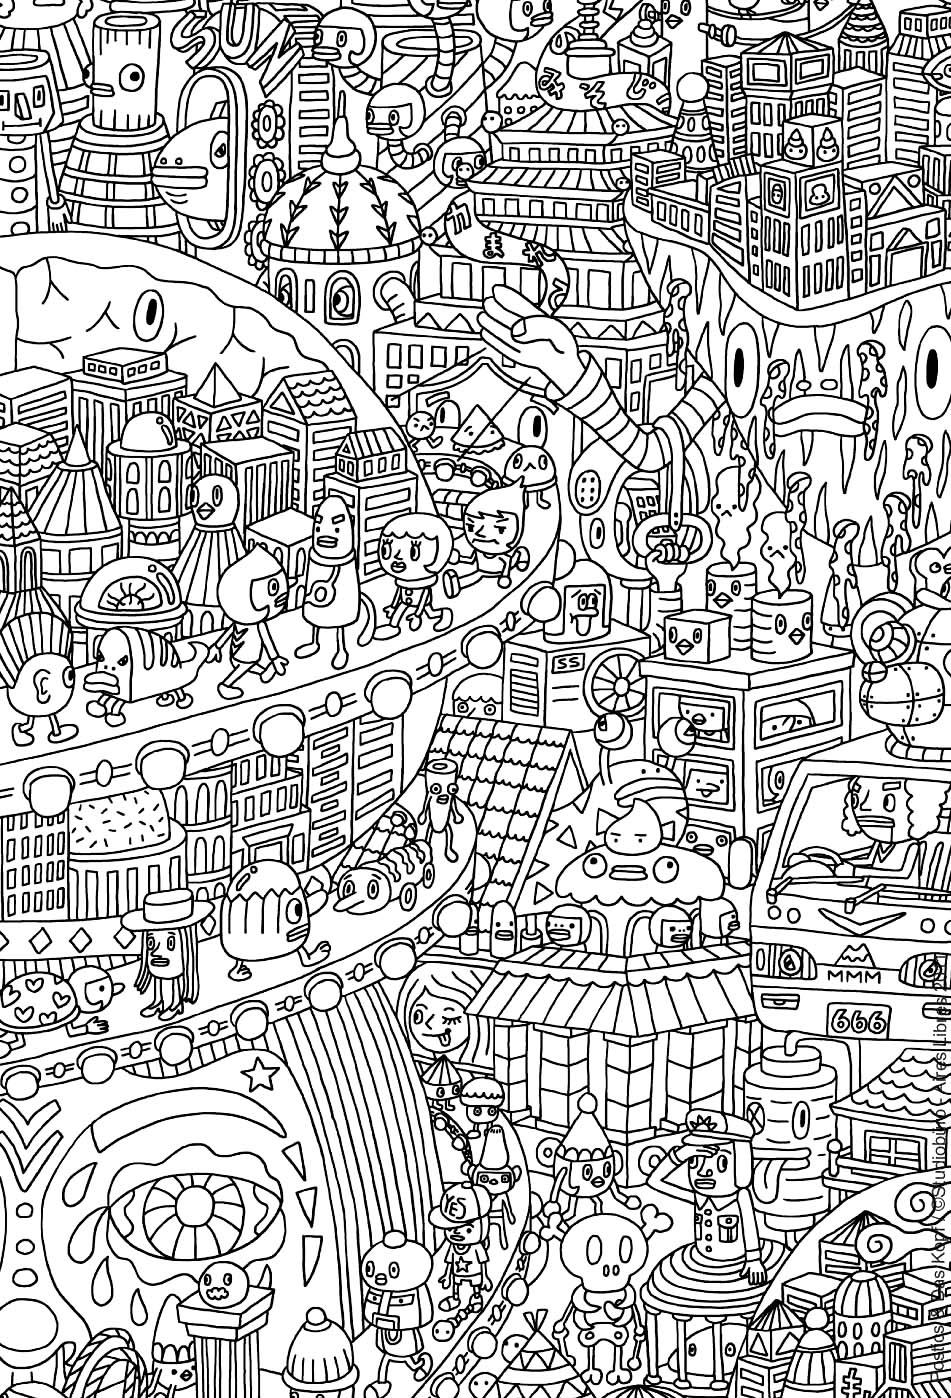 Une drôle de ville peuplée d'étranges créatures ... Découvrez ce petit monde à l'aide de vos feutres